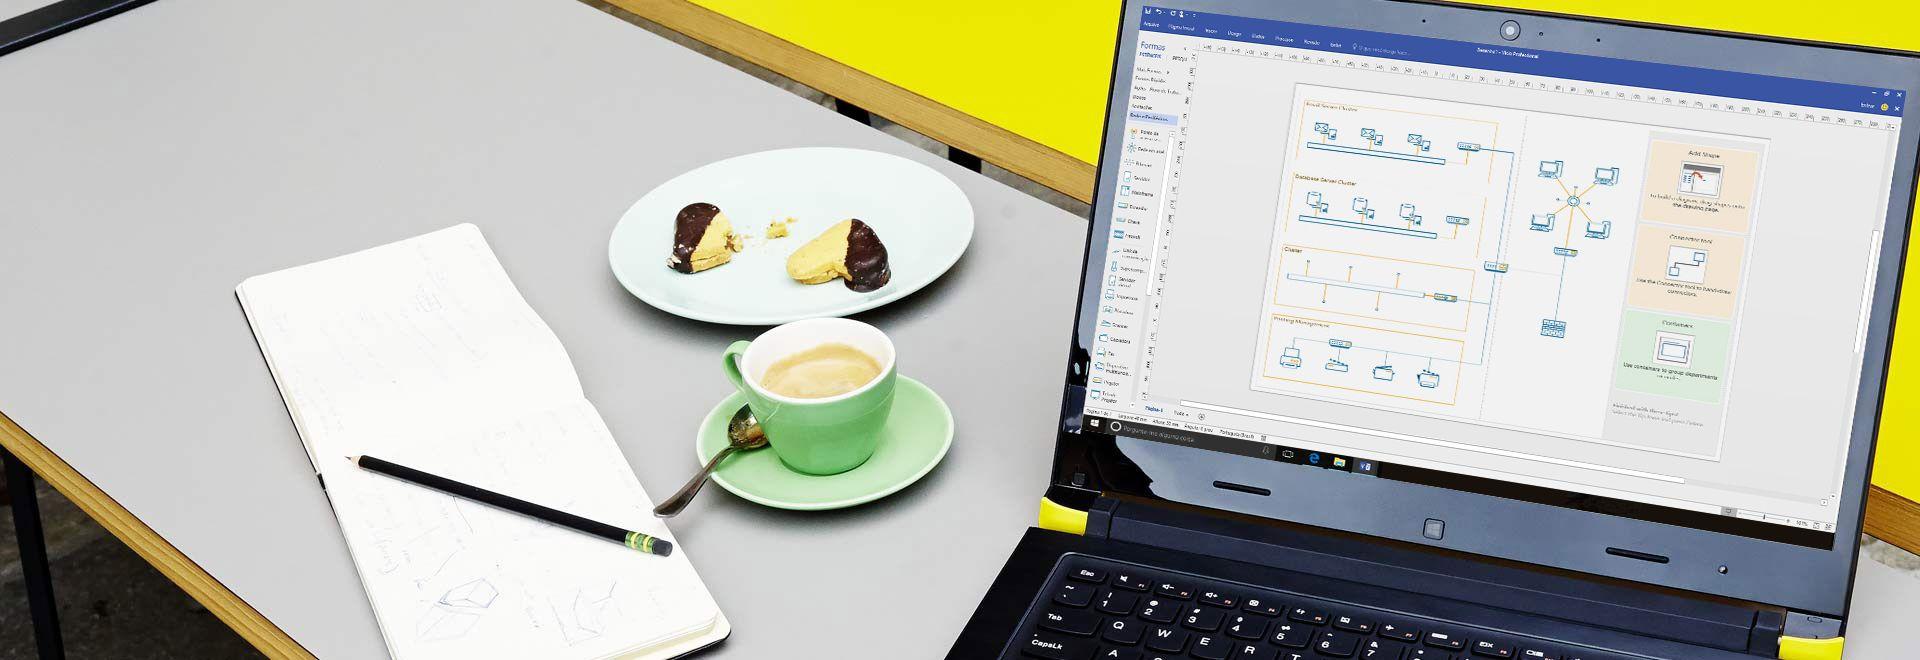 Close-up de um laptop em uma mesa, mostrando um diagrama do Visio com a faixa de opções de edição e o painel